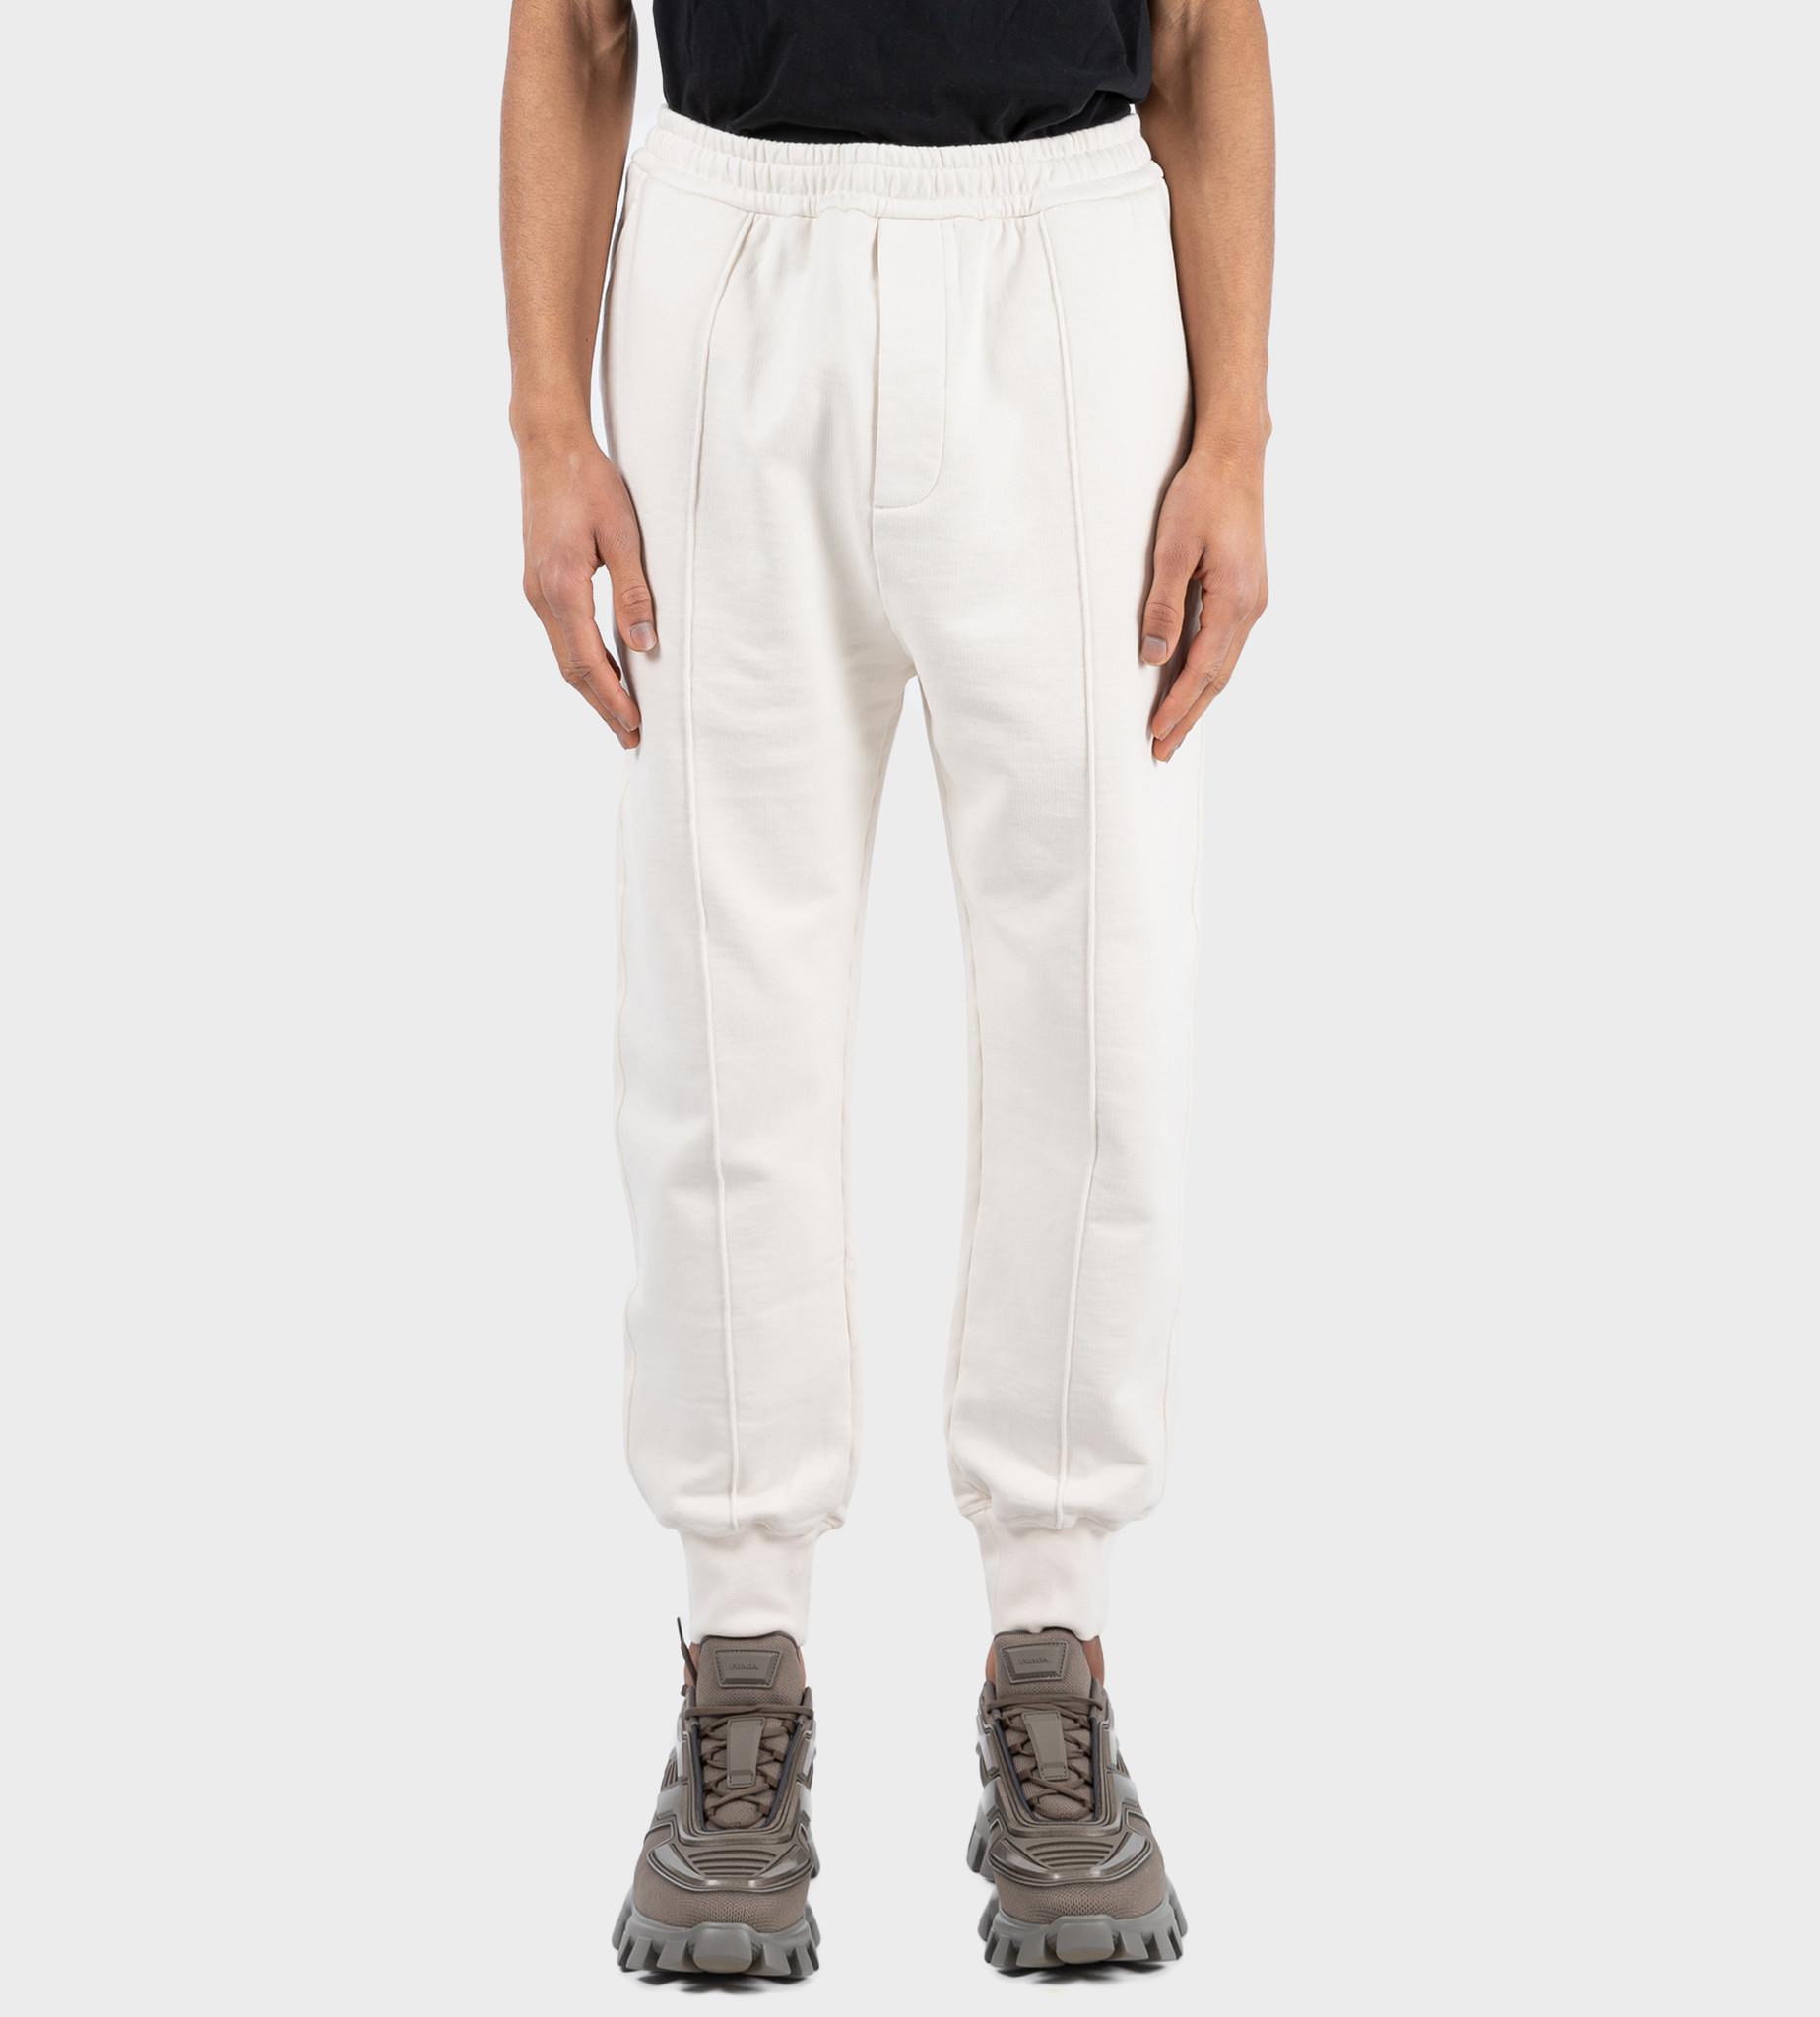 PRADA Garment-Dyed Cotton Pants Tan